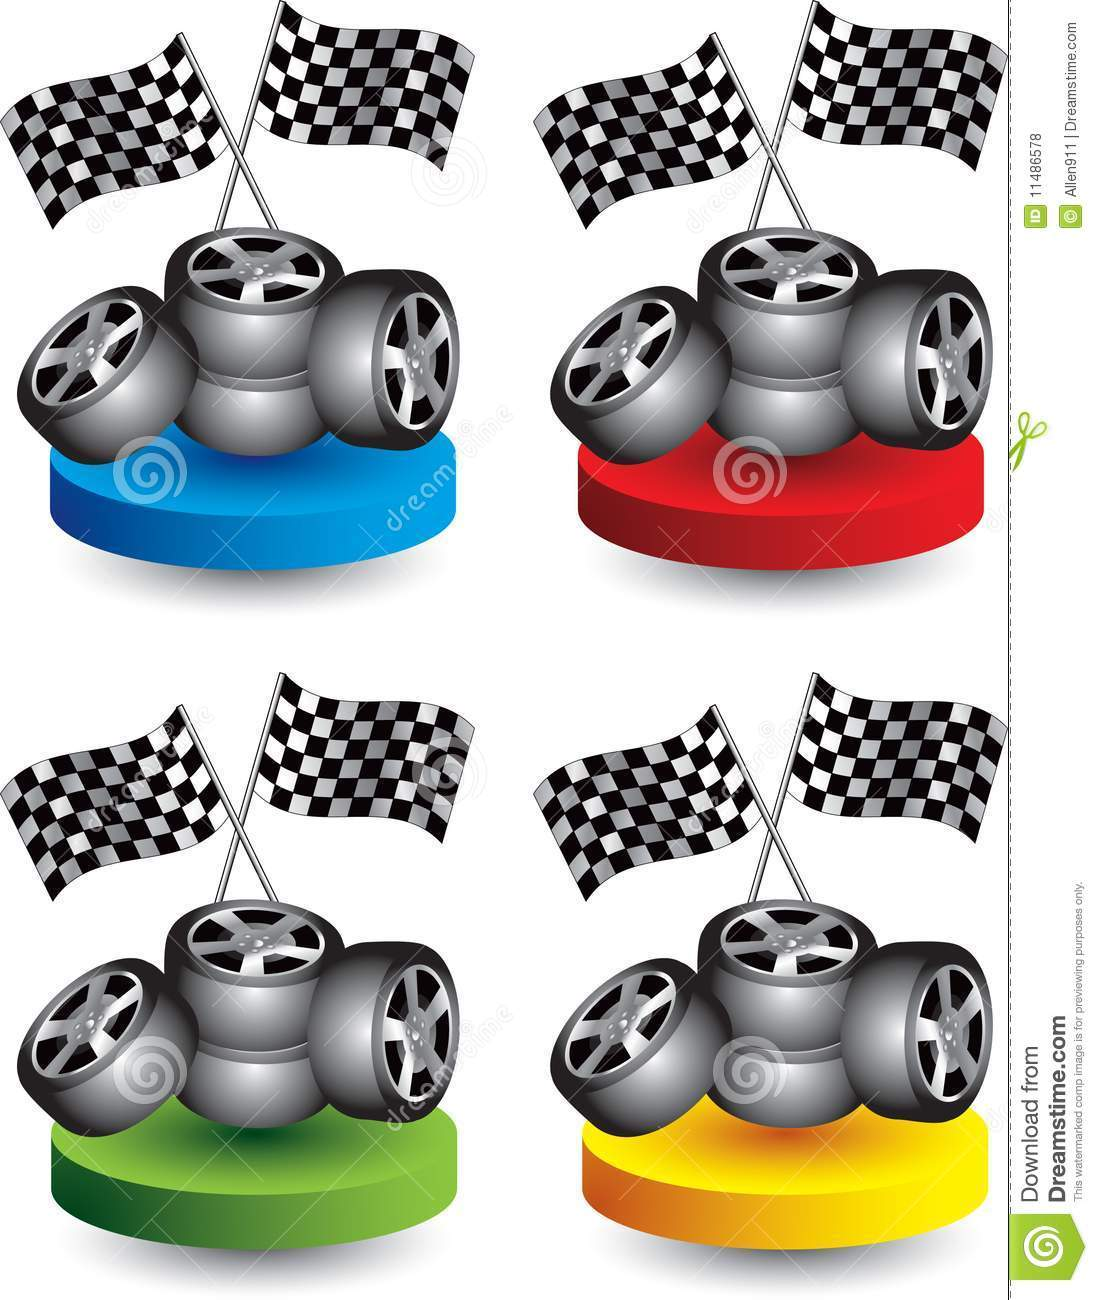 Racing tires clipart 4 » Clipart Portal.